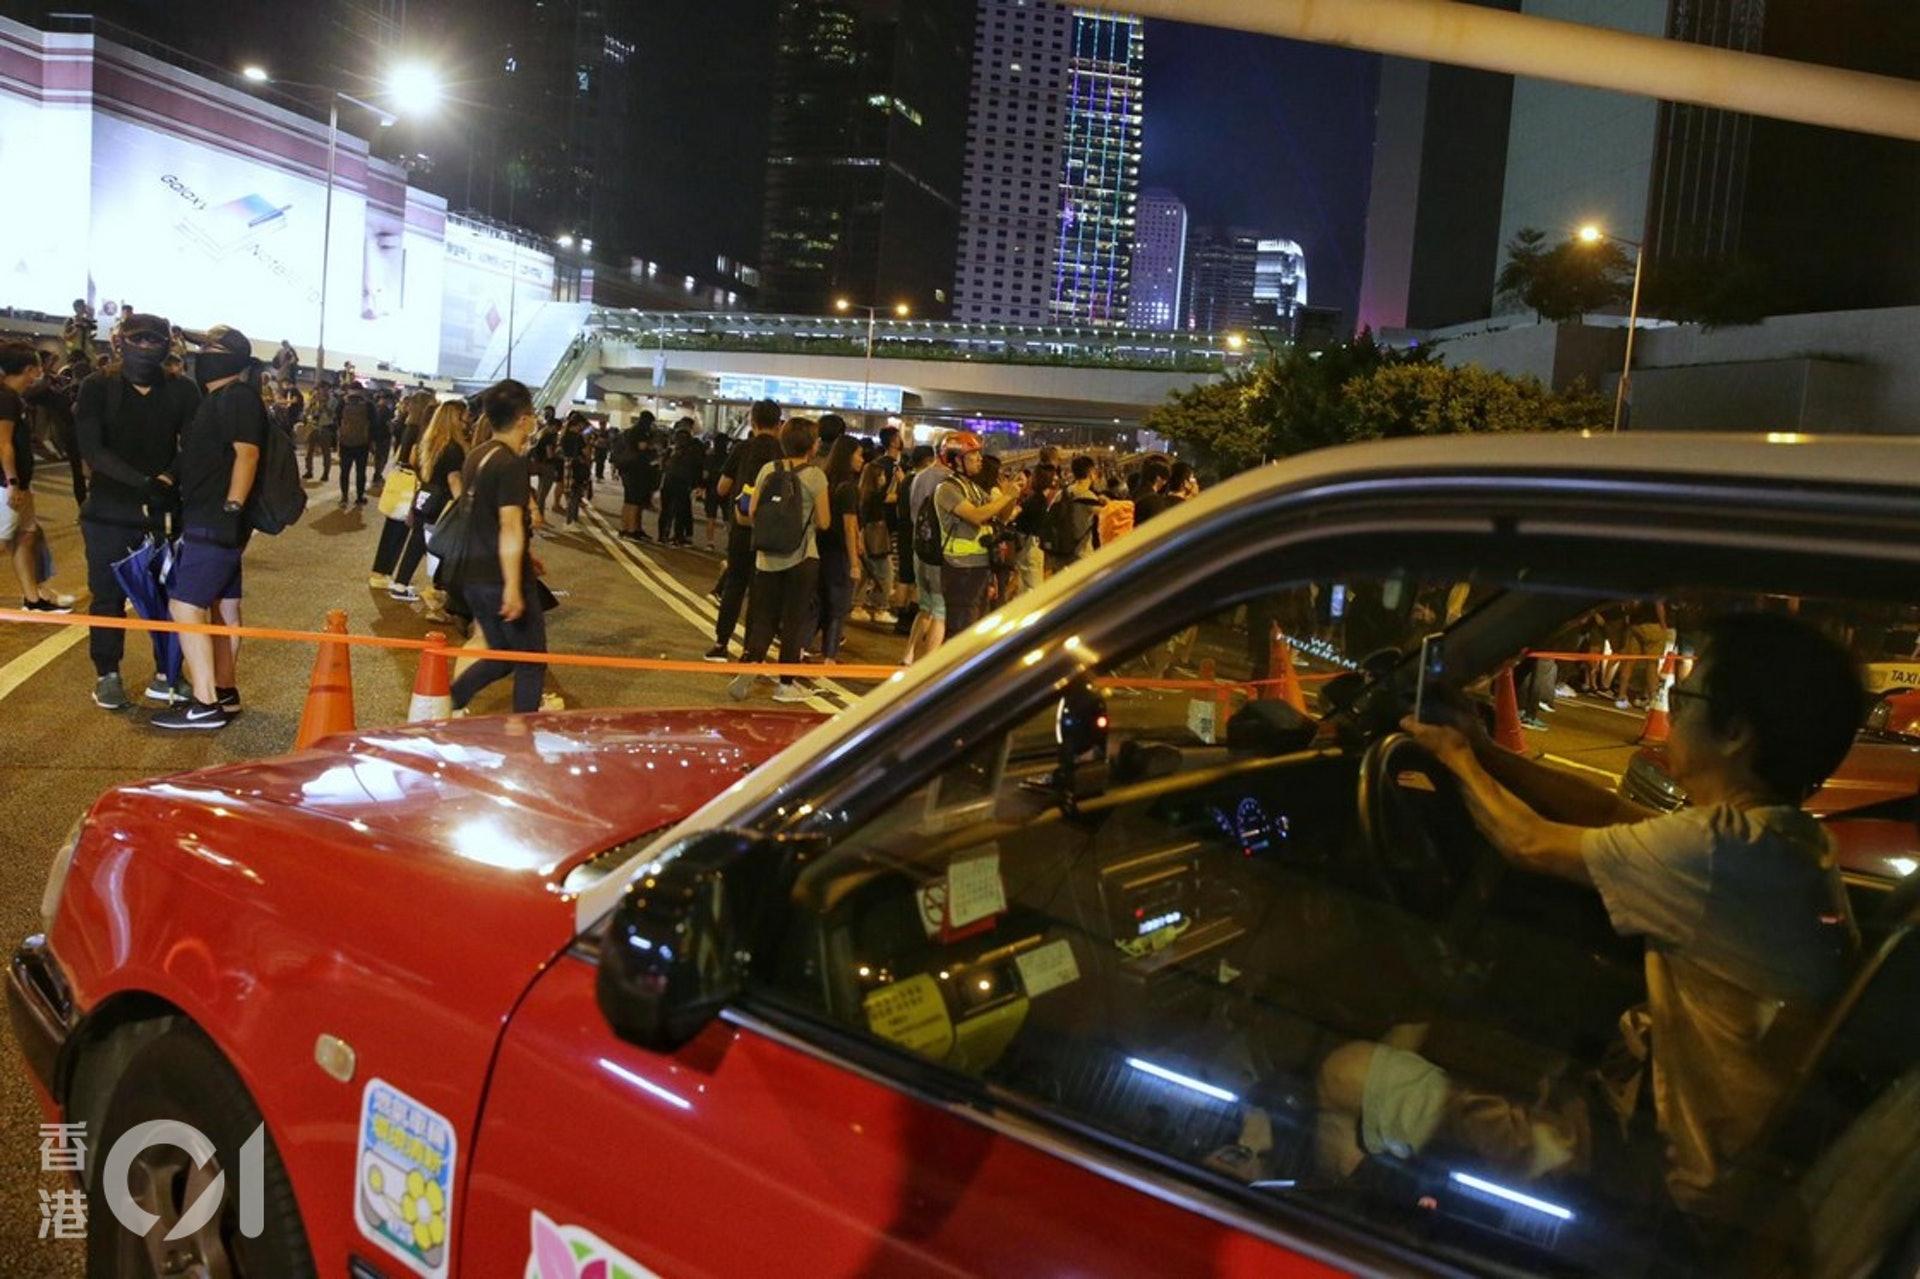 2019年9月28日,示威者再次佔領夏愨道。有的士未能駛去於馬路上等待。(李澤彤攝)